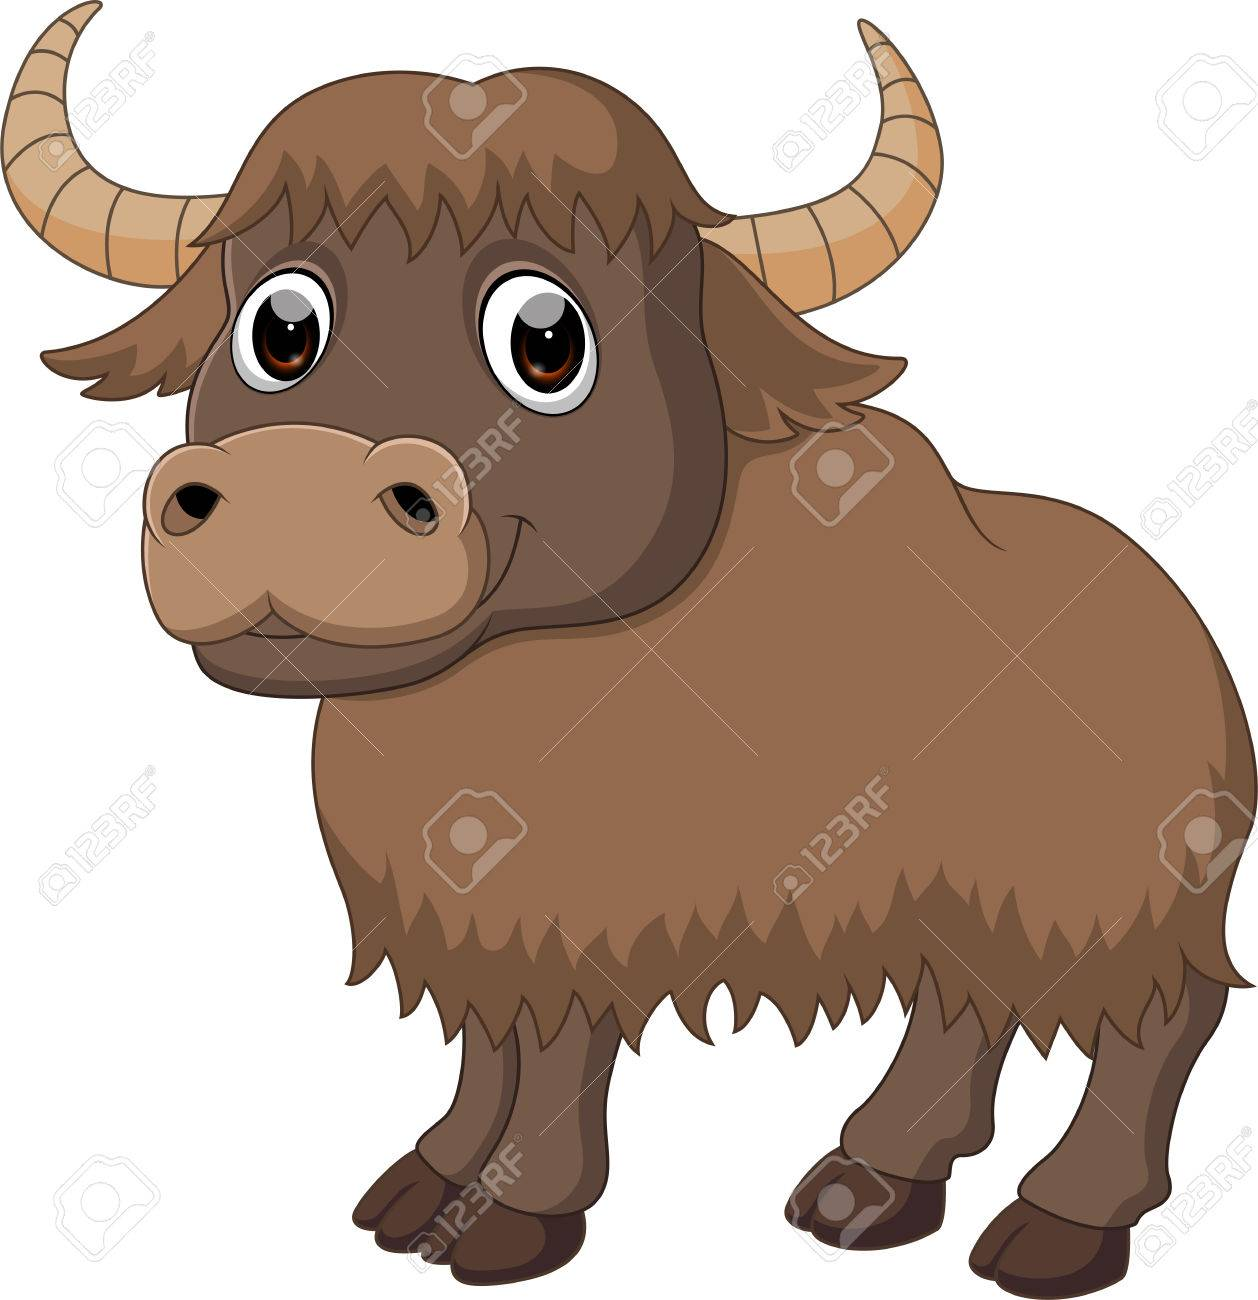 Cute yak cartoon.